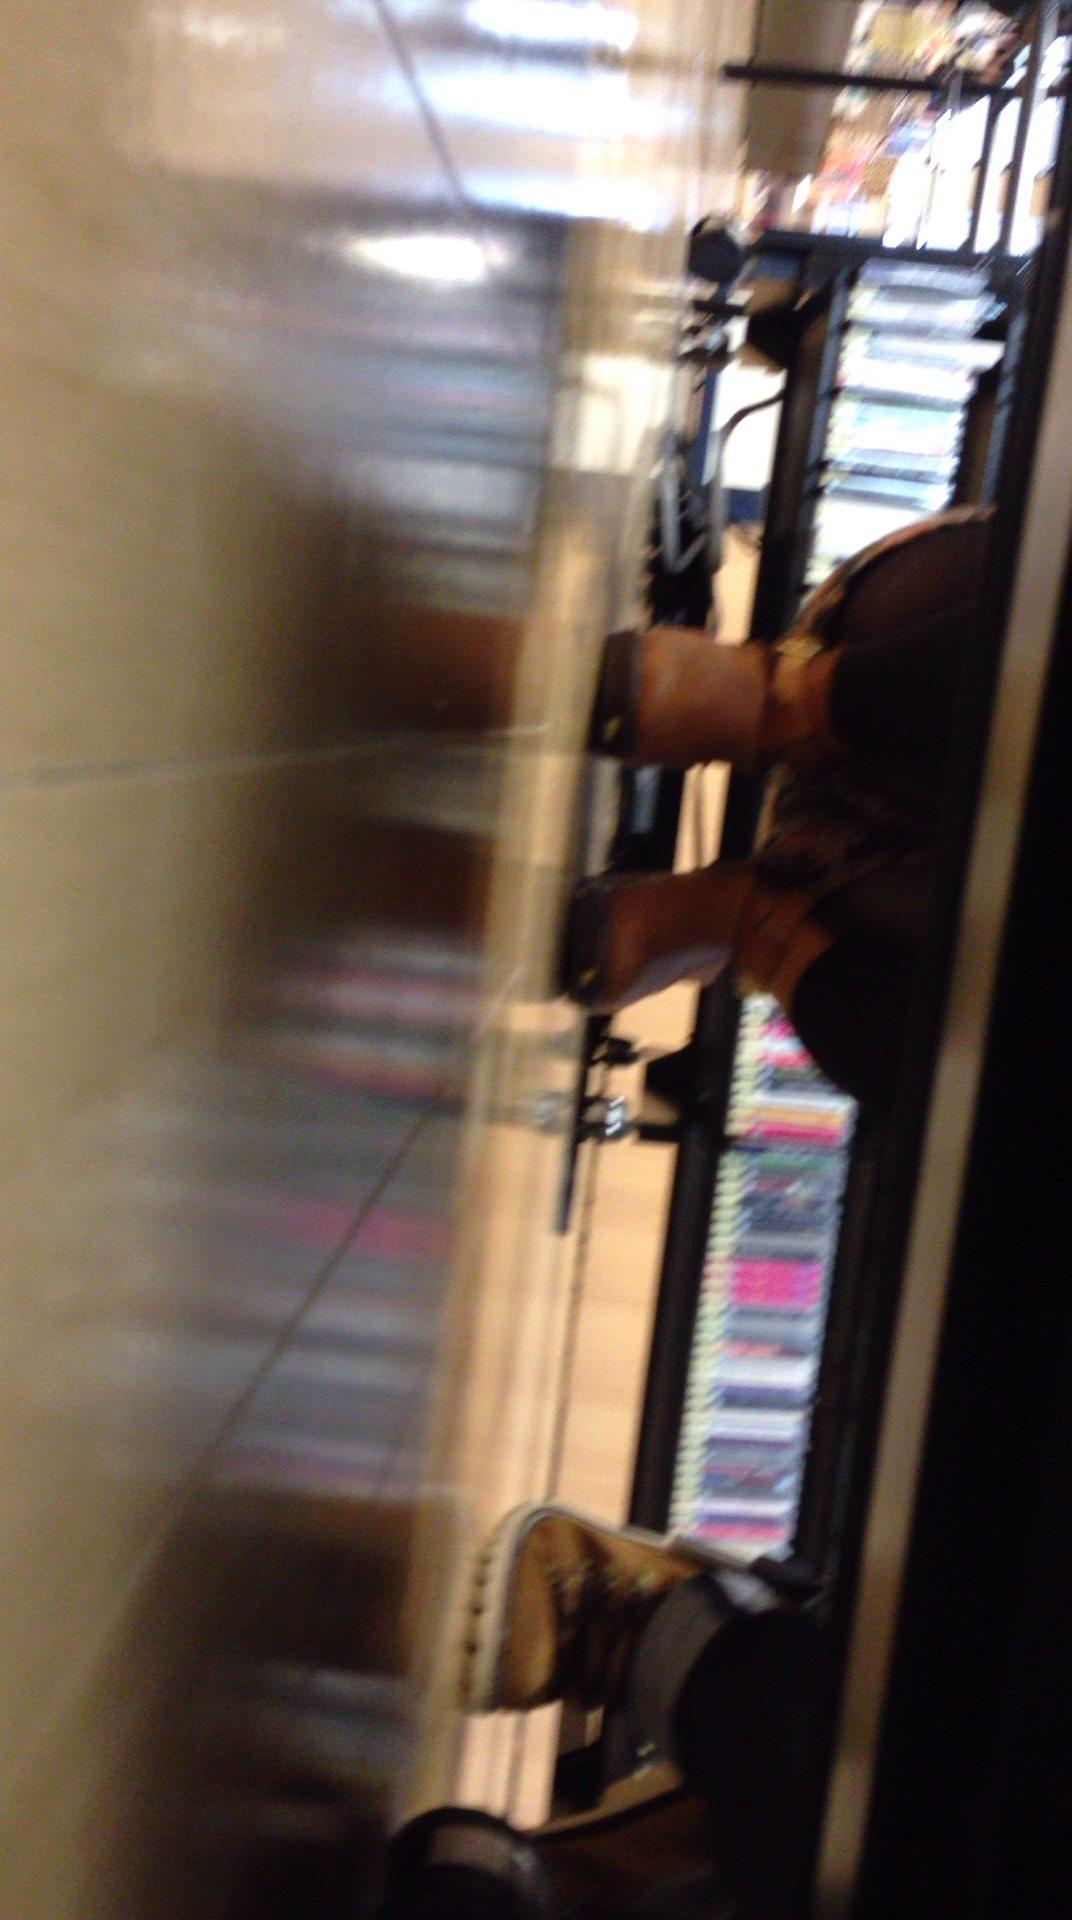 店内棚越しにしゃがみパンチラしてるOLやお姉さんの盗撮素人画像wwwww 18154